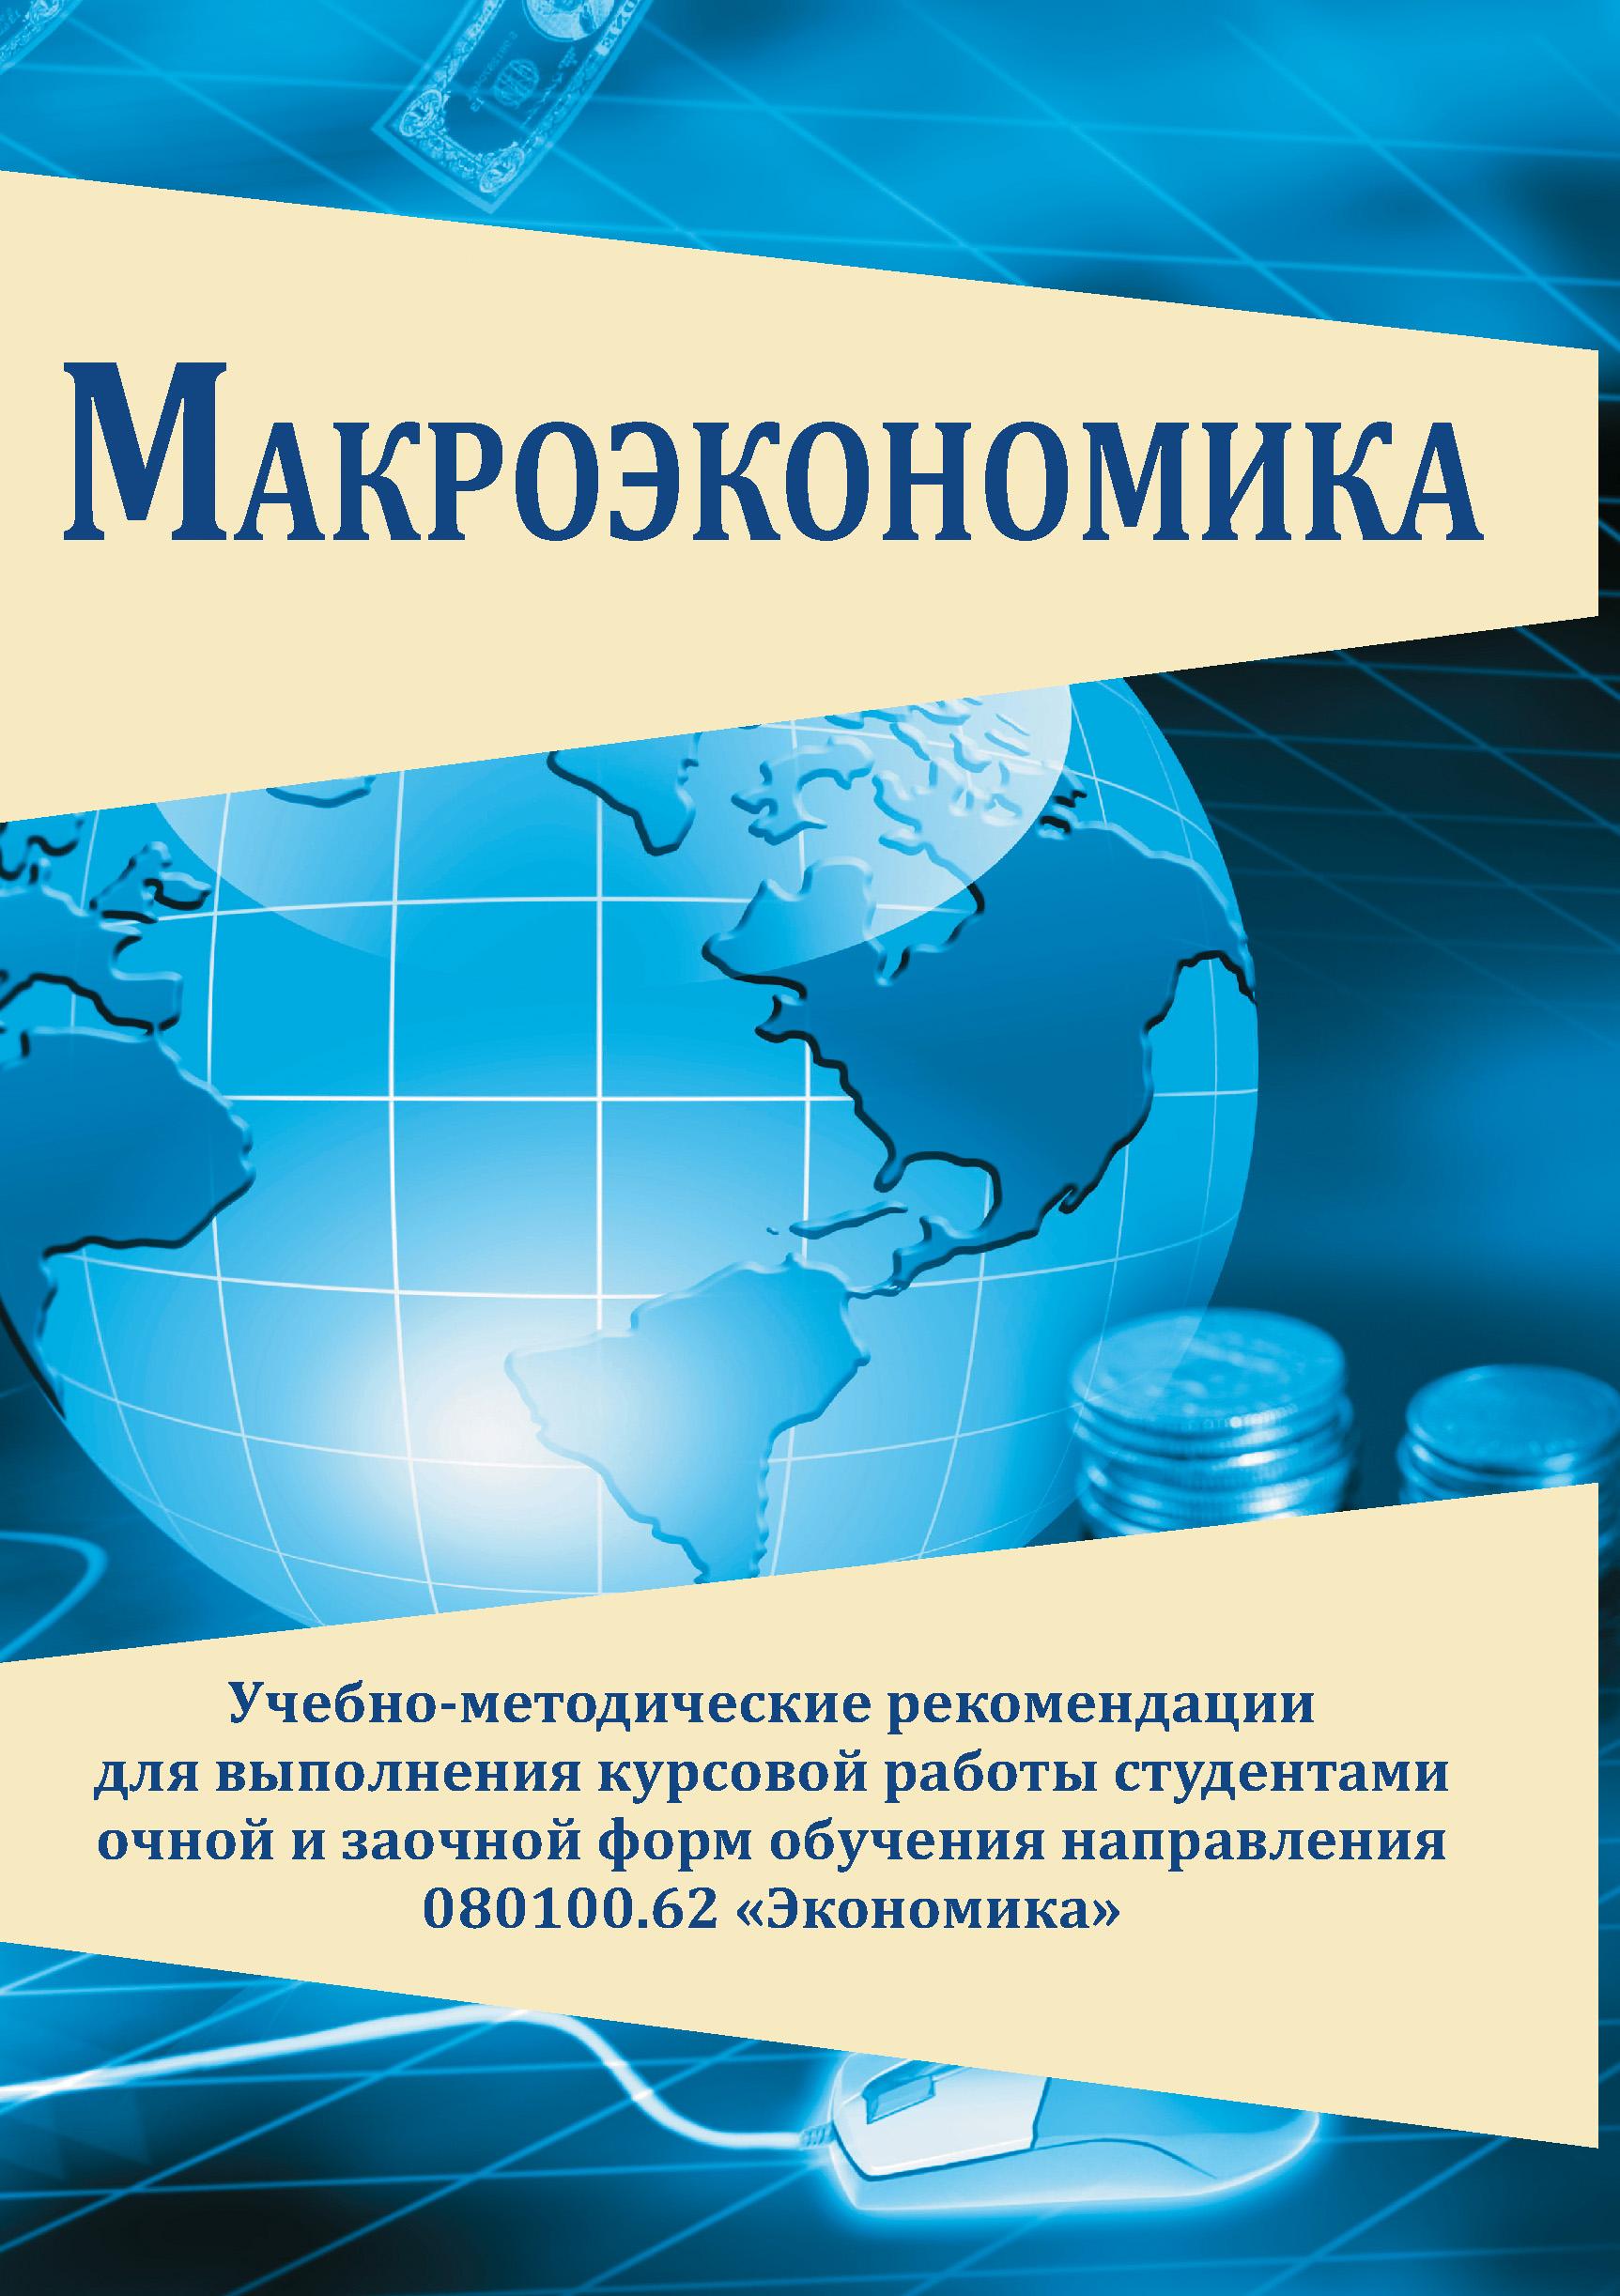 Макроэкономика. Учебно-методические рекомендации для выполнения курсовой работы студентами очной и заочной форм обучения направления 080100.62 «Экономика»